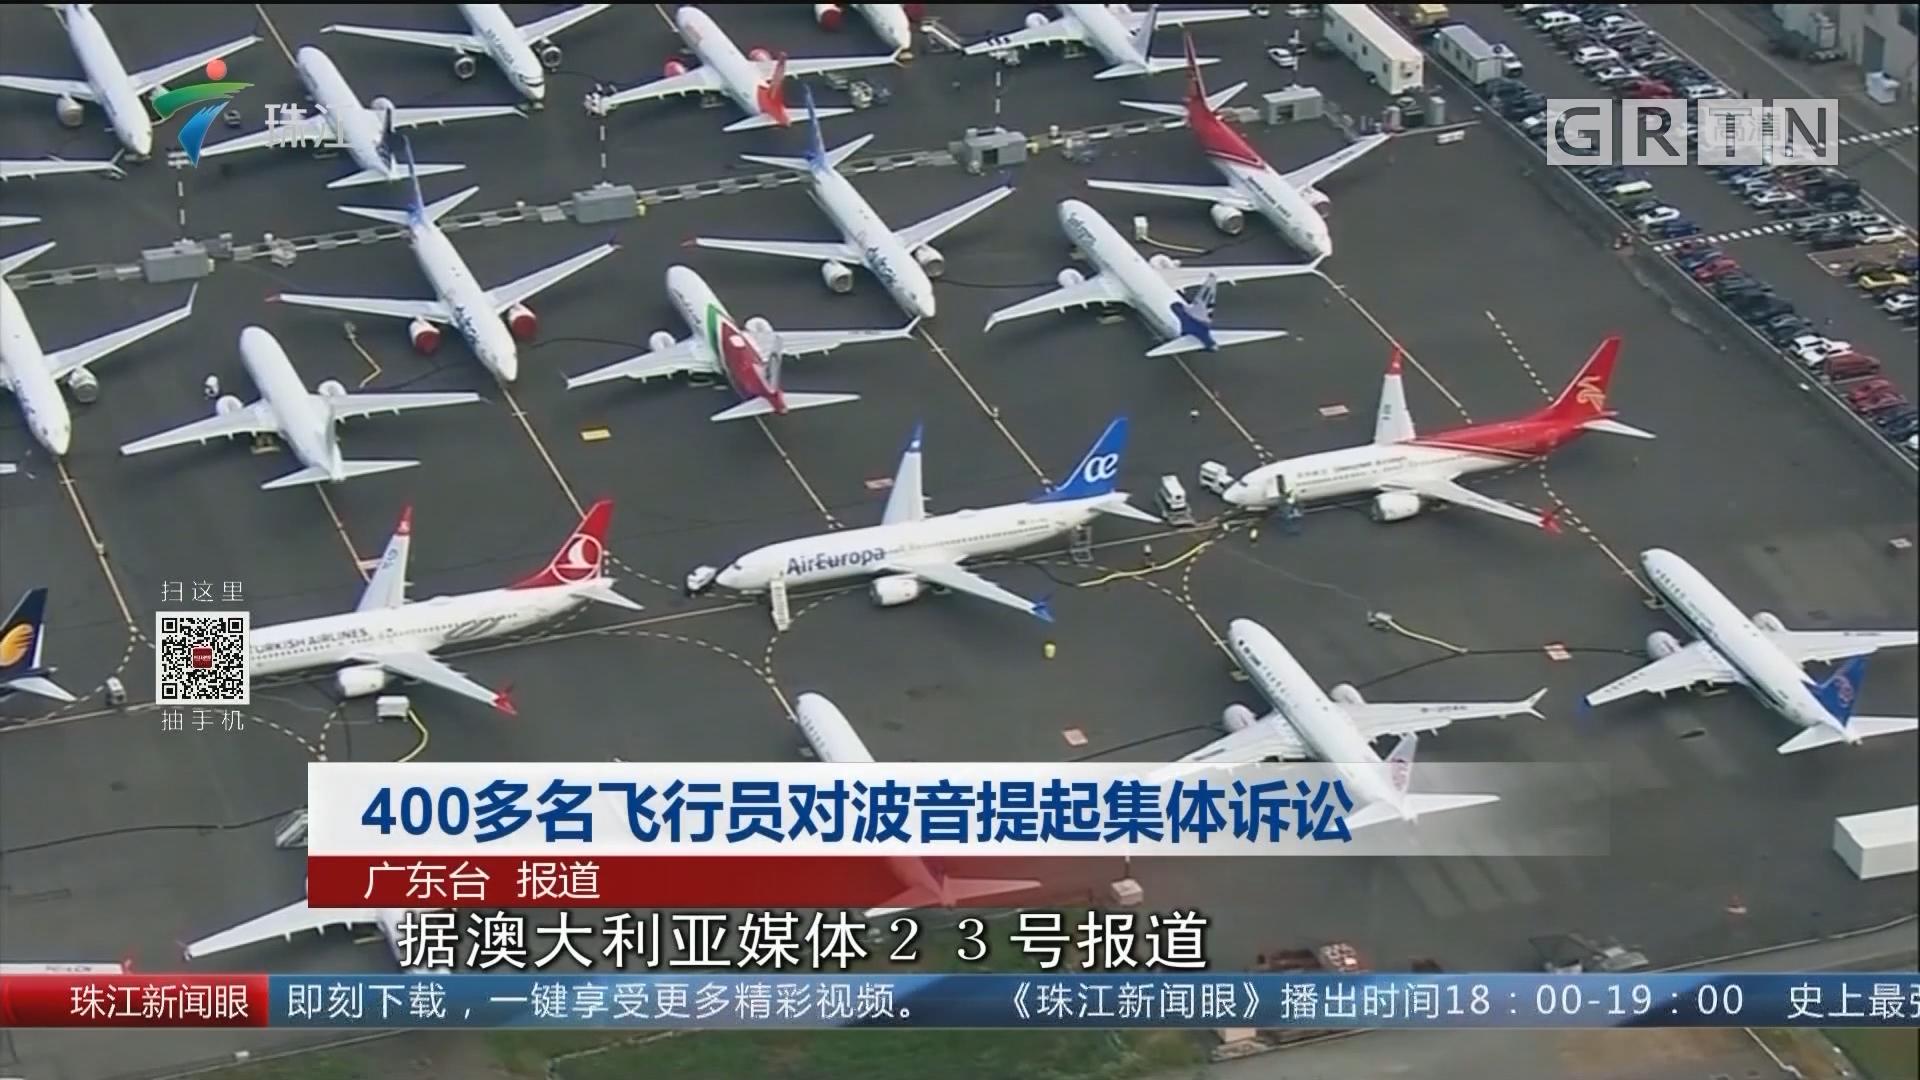 400多名飞行员对波音提起集体诉讼